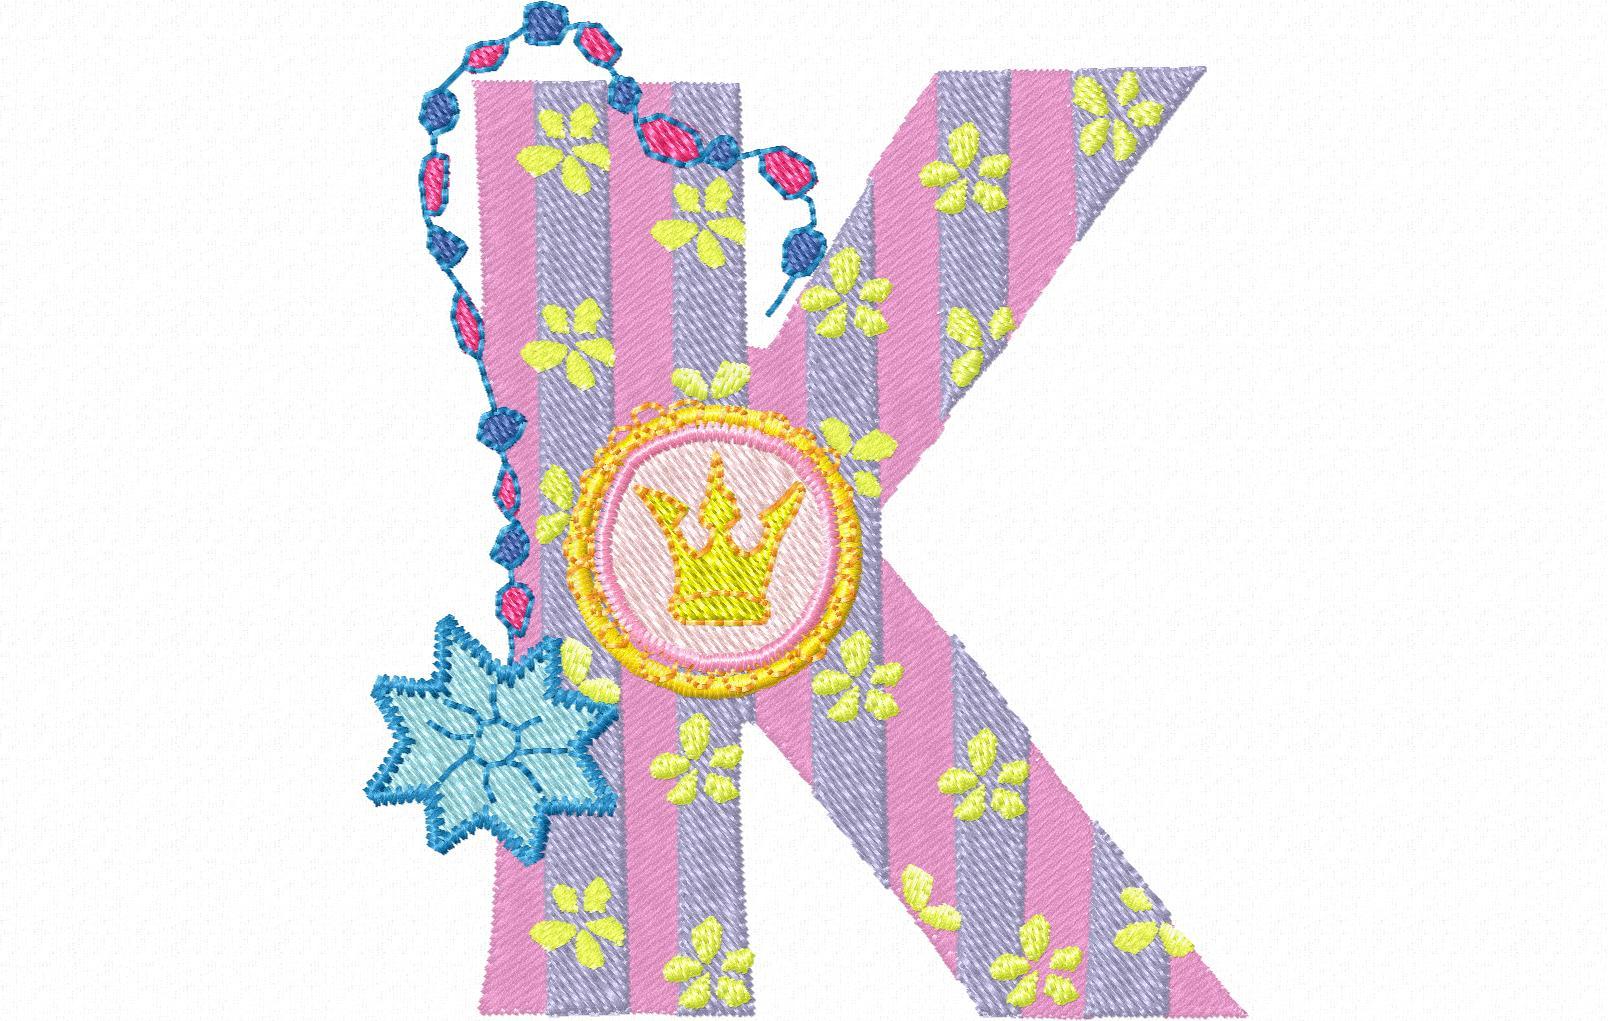 ��� ��� K , ��� ��� K ������ , ������ ����� 2016 letter K pictures new_1420691504_898.j